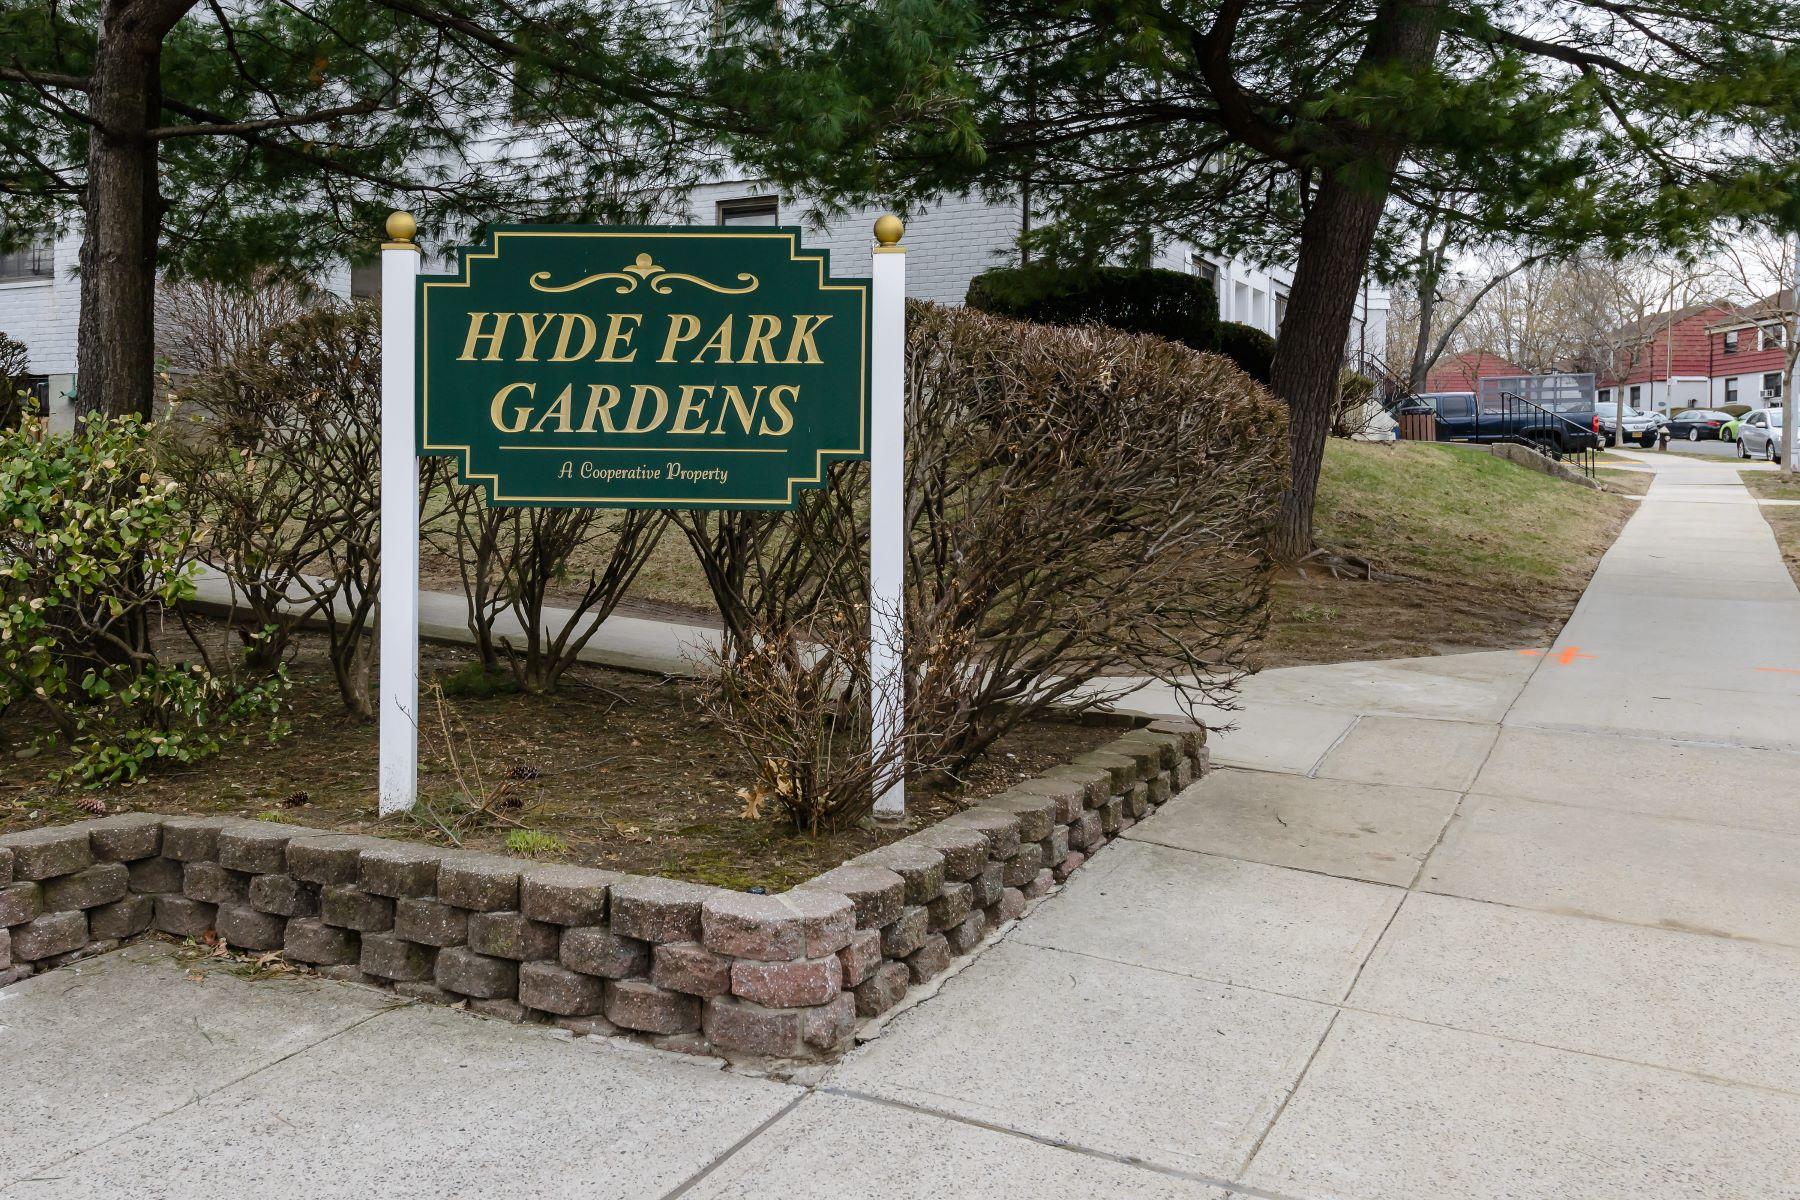 合作公寓 为 销售 在 69-27 136 St , Kew Garden Hills, NY 11367 69-27 136 St A Flushing, 纽约州 11367 美国